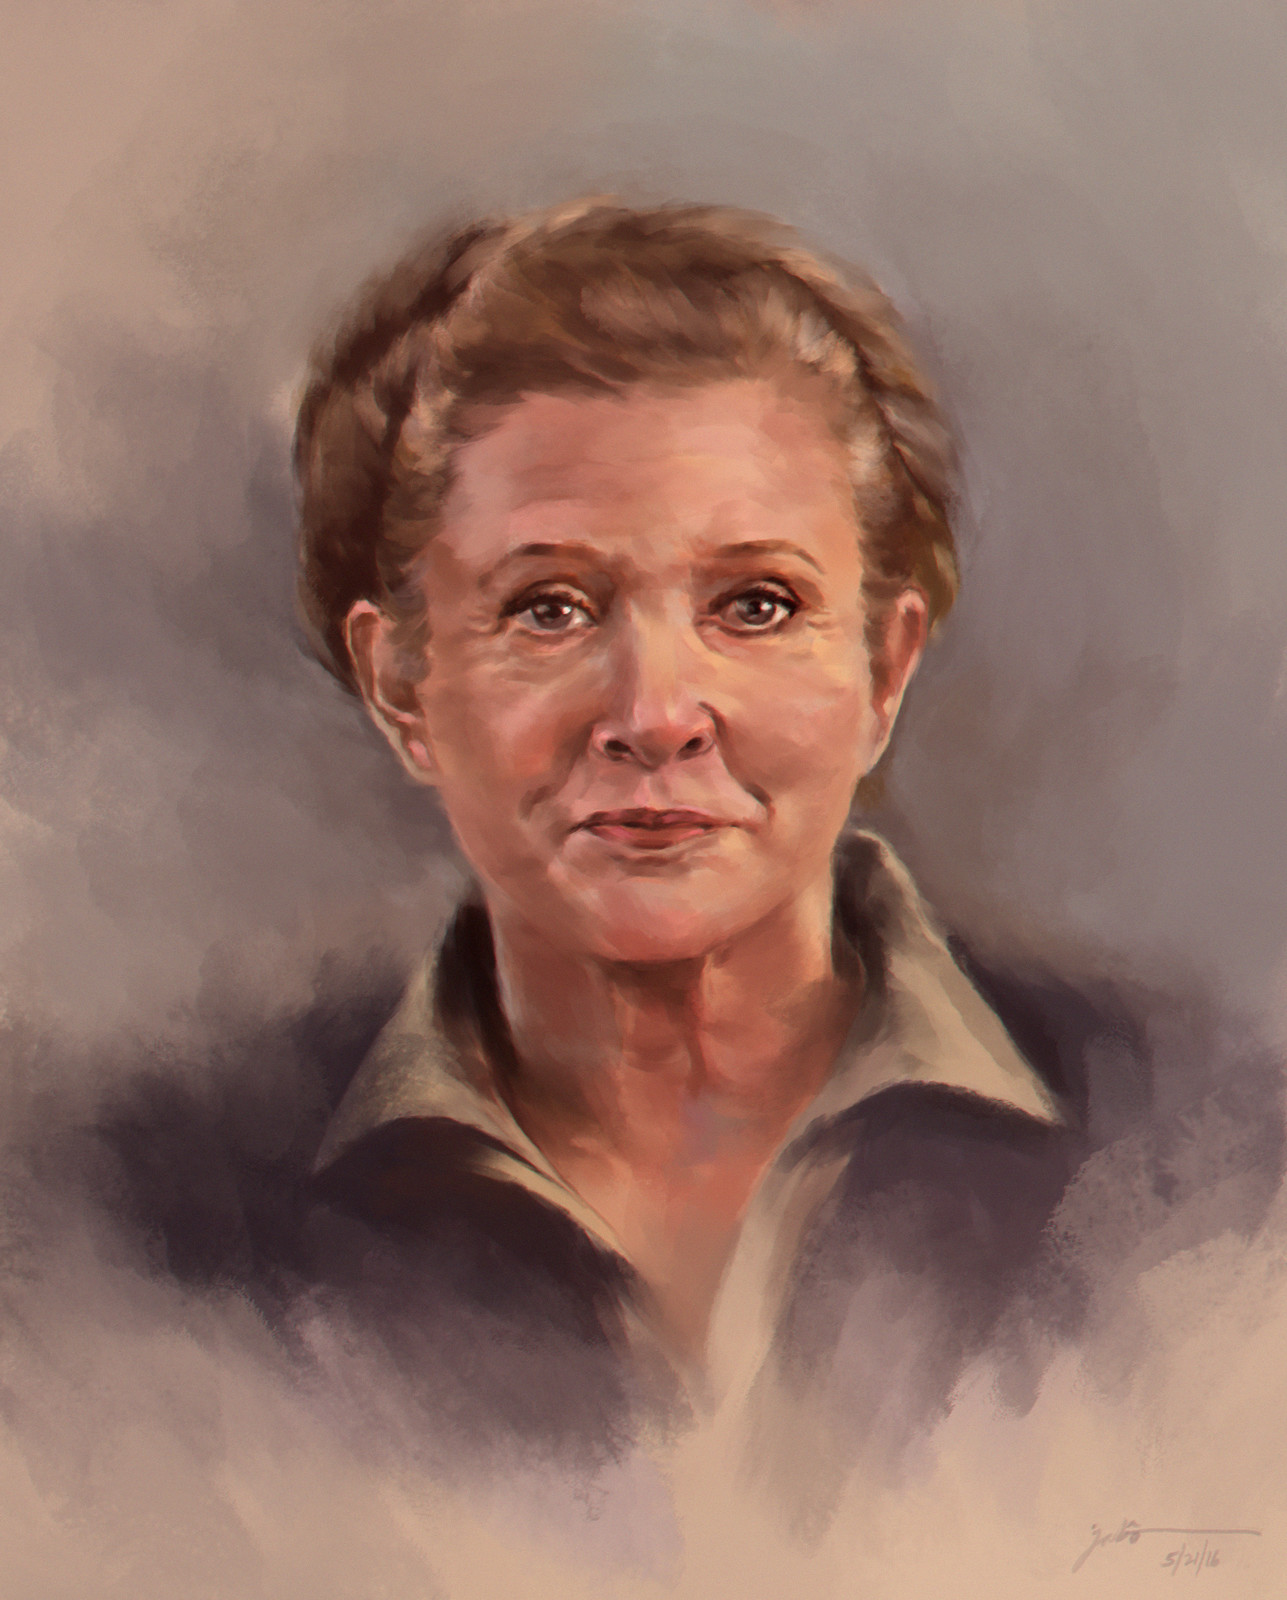 Carrie Frances Fisher (21 October 1956 - 27 December 2016)